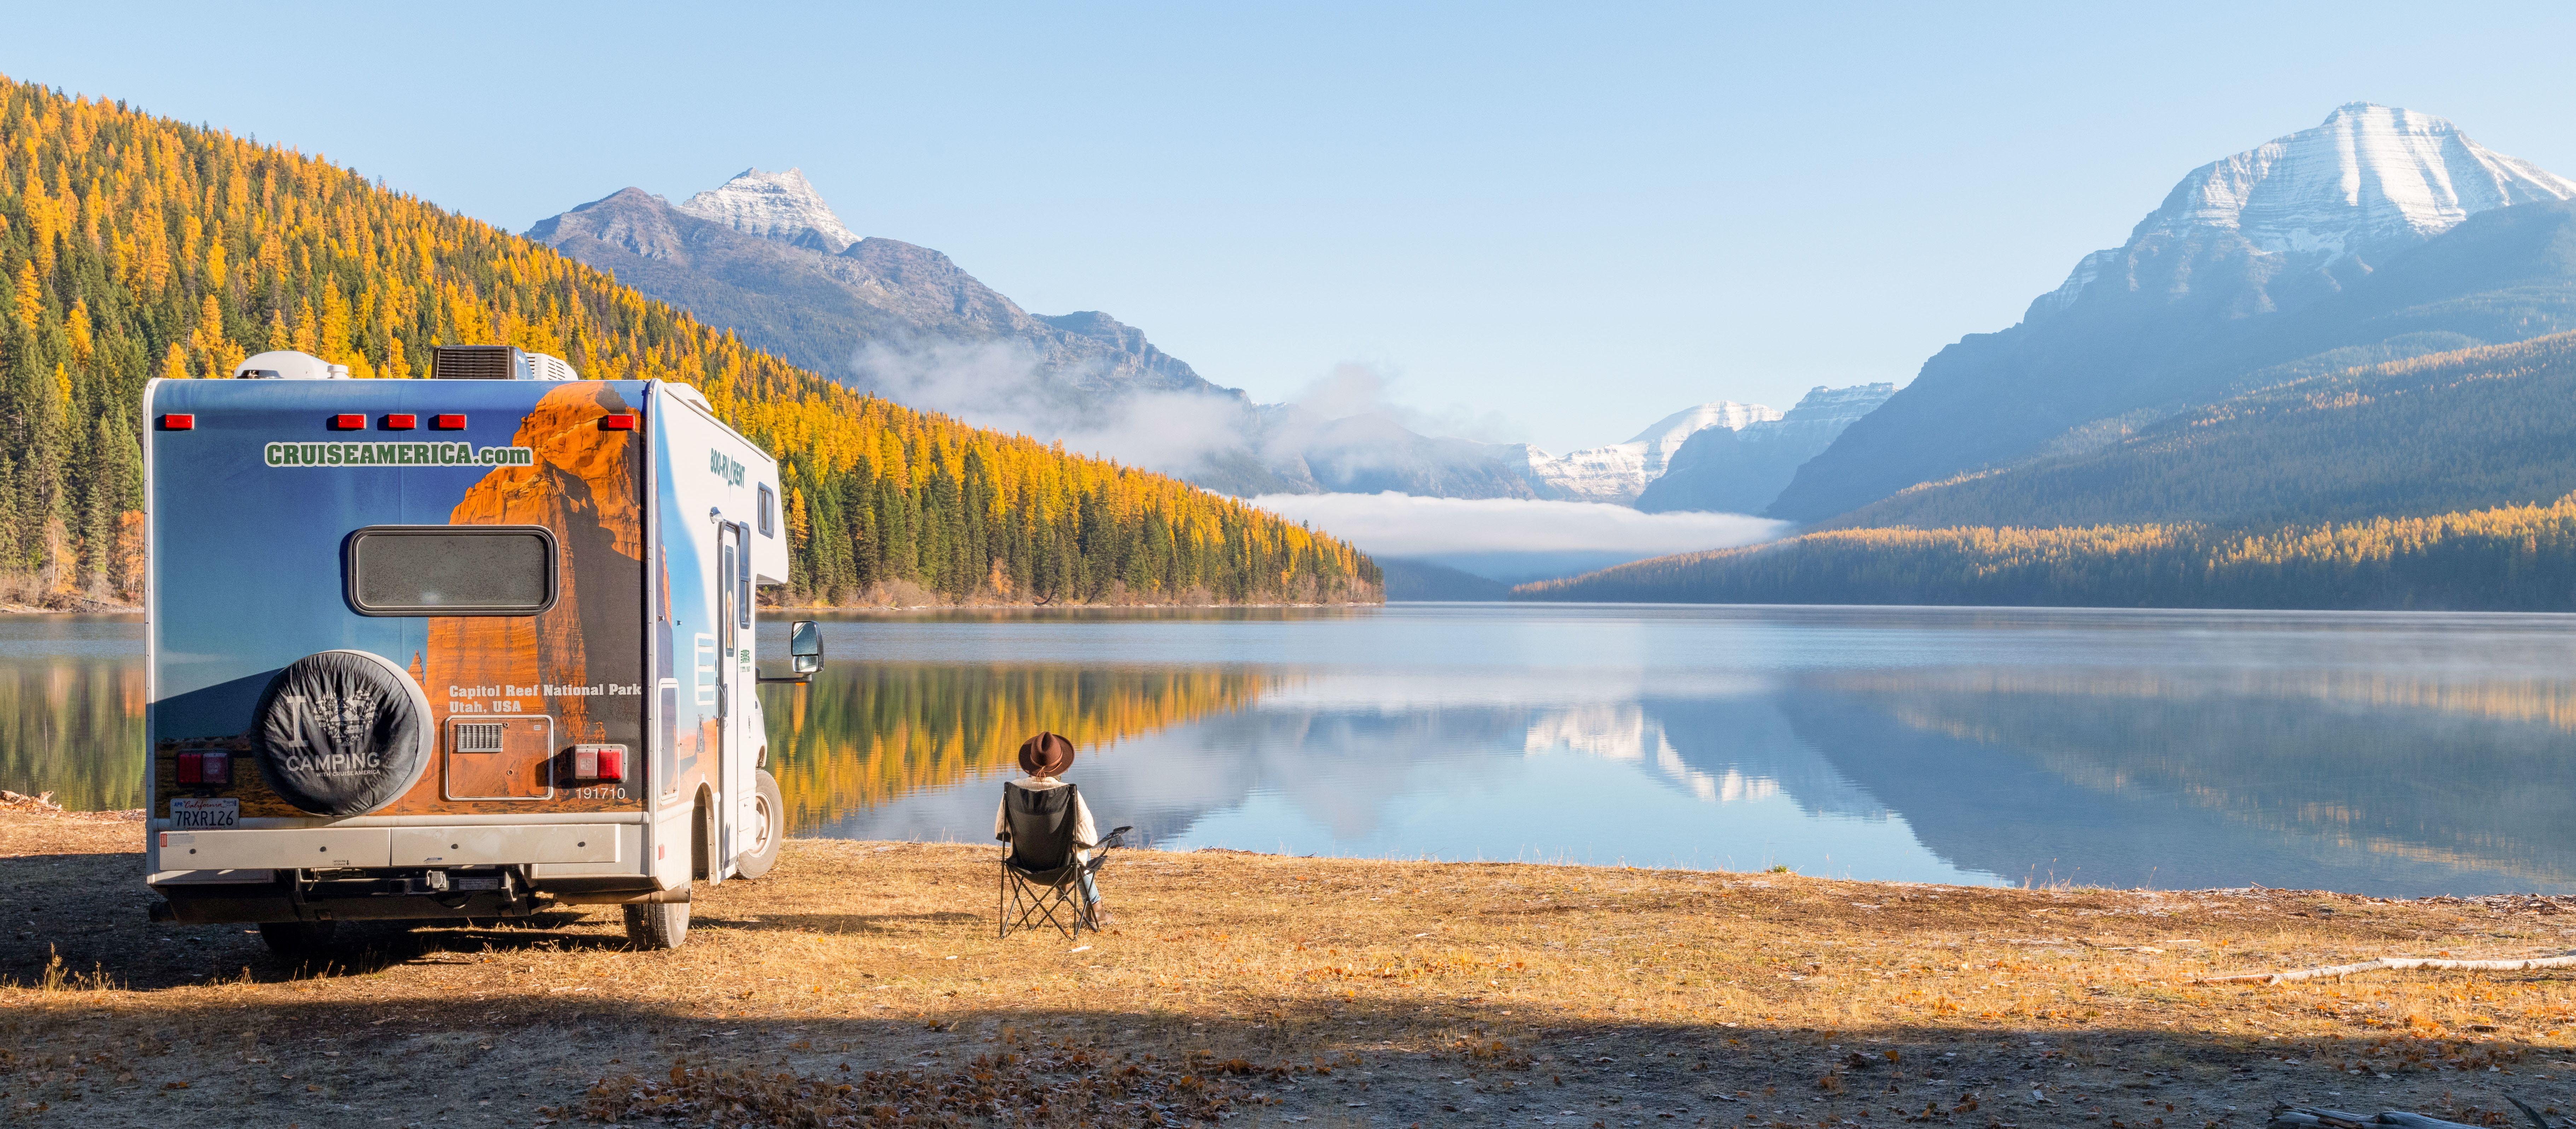 Mit dem Camper C19 von Cruise America die Aussicht an der Westküste Nordamerikas genießen